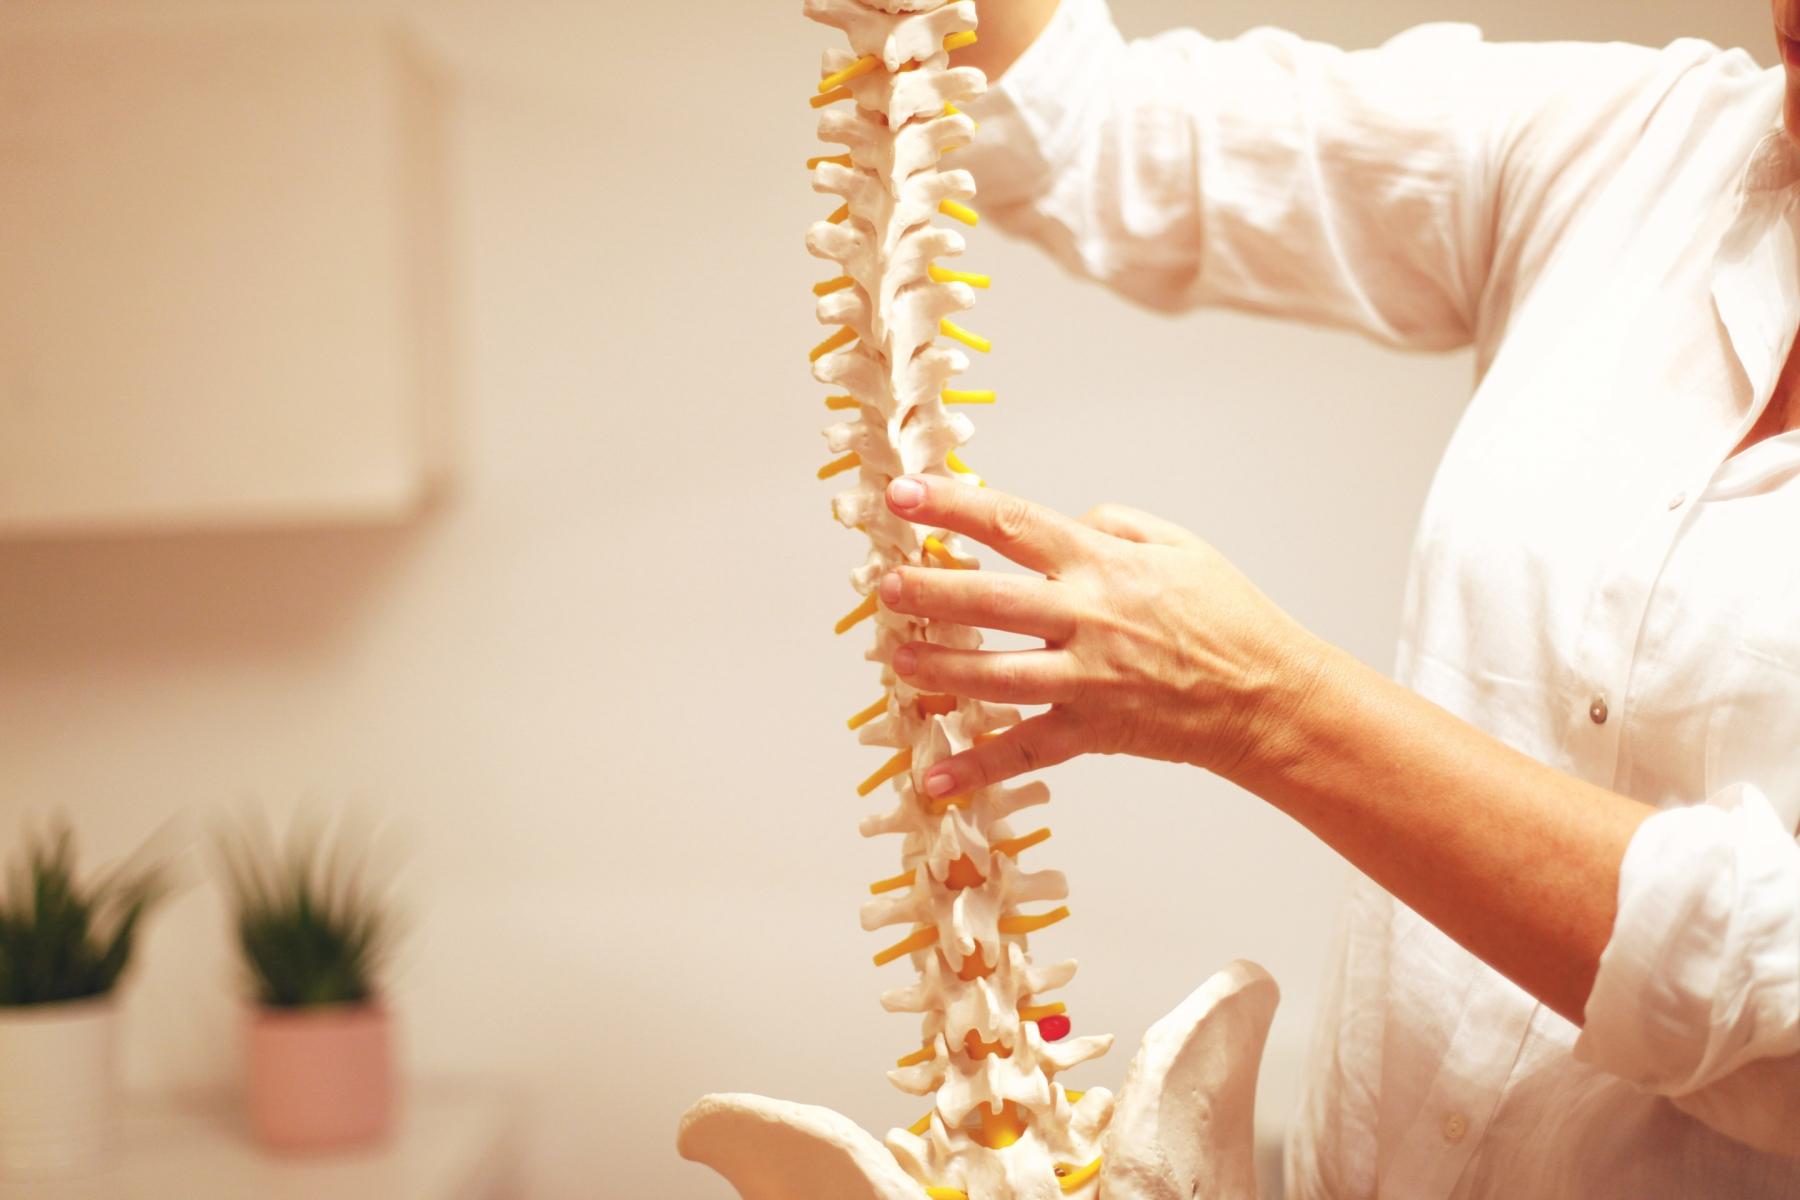 Vor allem der funktionelle Ansatz der Osteopathie findet bei vielen meiner männlichen Patienten großen Zuspruch und führt zu für sie nicht erhofften Heilerfolgen.